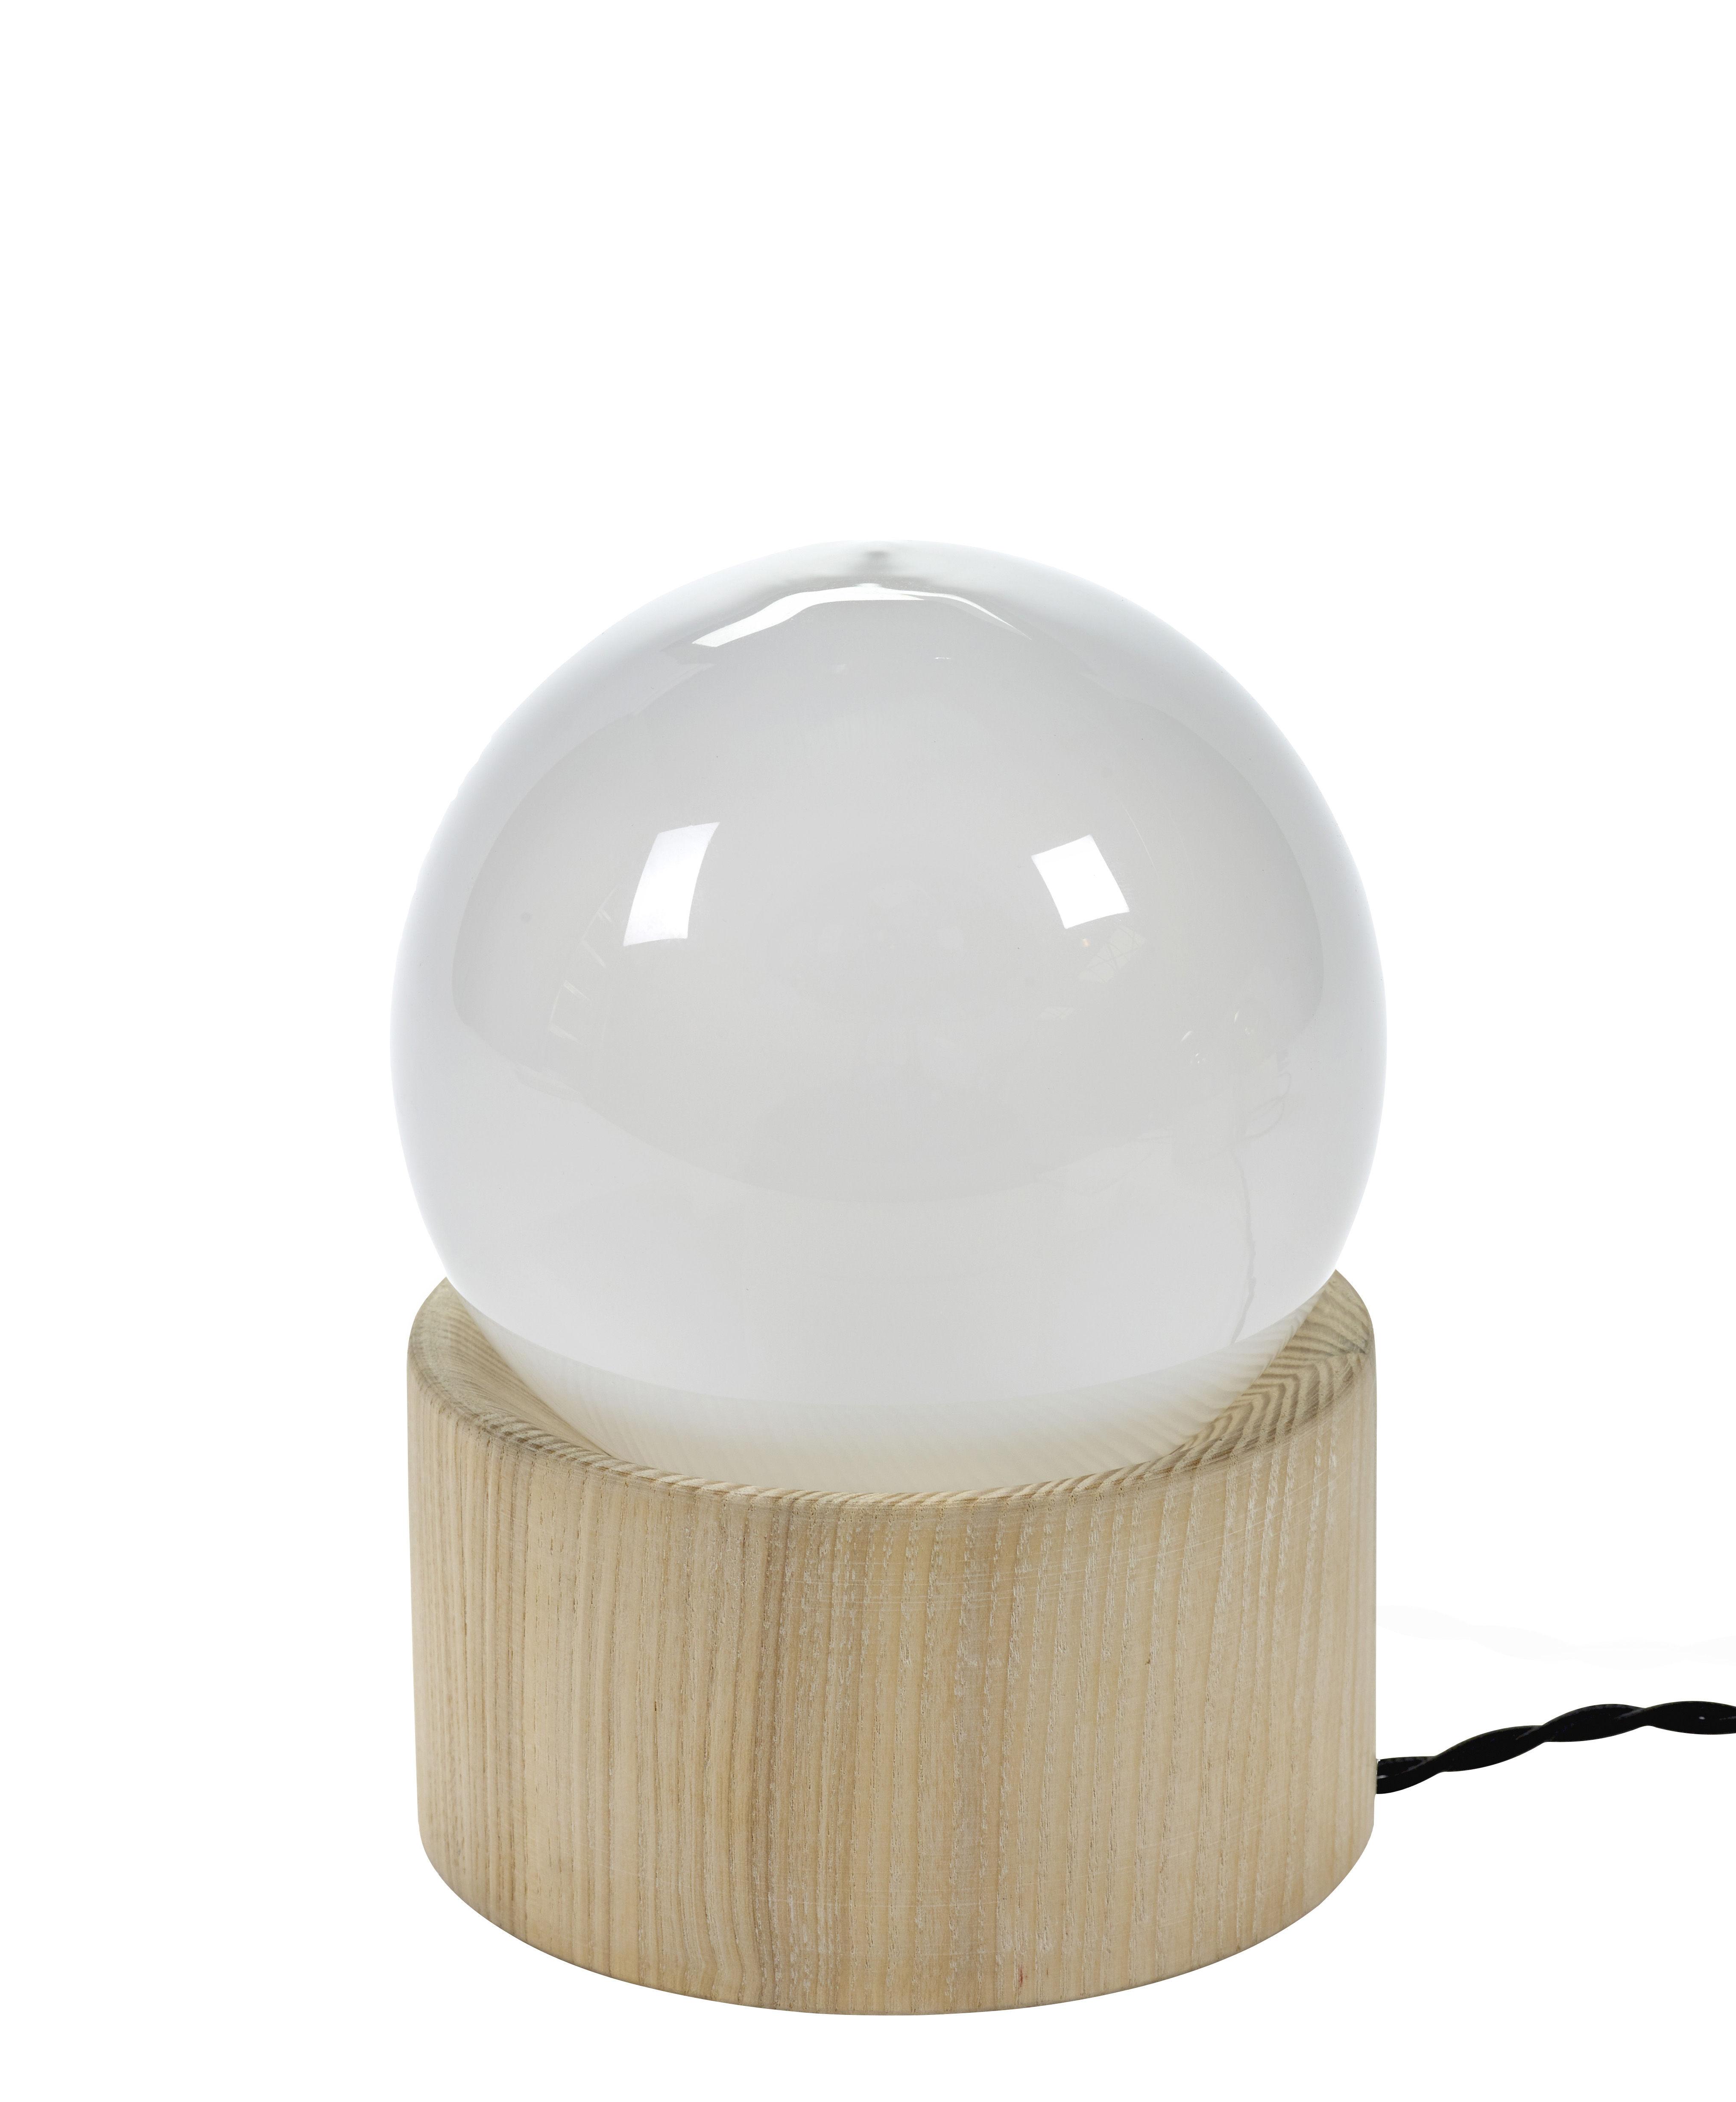 Leuchten - Tischleuchten - Full Moon Tischleuchte / Ø 14,5 cm - Serax - Weiß / holzfarben - Holz, Verre teinté